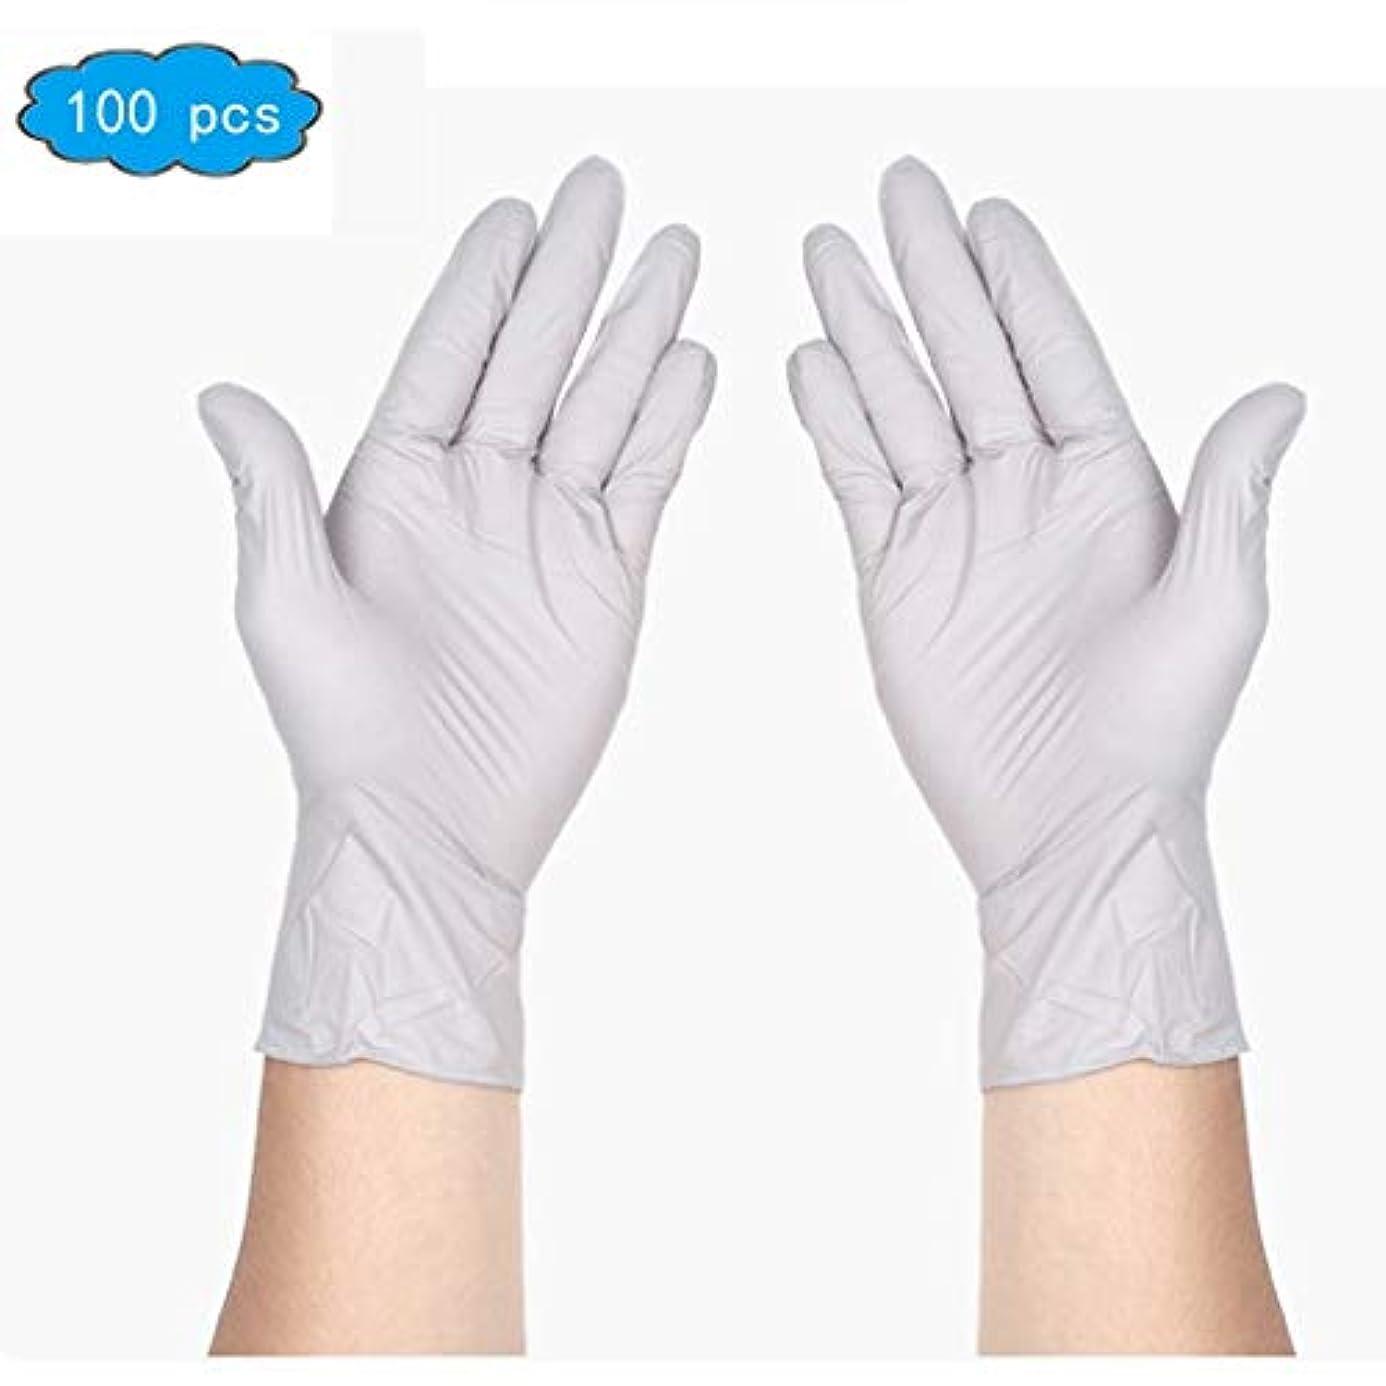 想像する大いにボランティアニトリル試験用手袋 - 医療用グレード、パウダーフリー、ラテックスラバーフリー、使い捨て、非滅菌、食品安全、テクスチャード加工、白色、2.5ミル、便利なディスペンサー、100個入り、サニタリーグローブ (Color :...